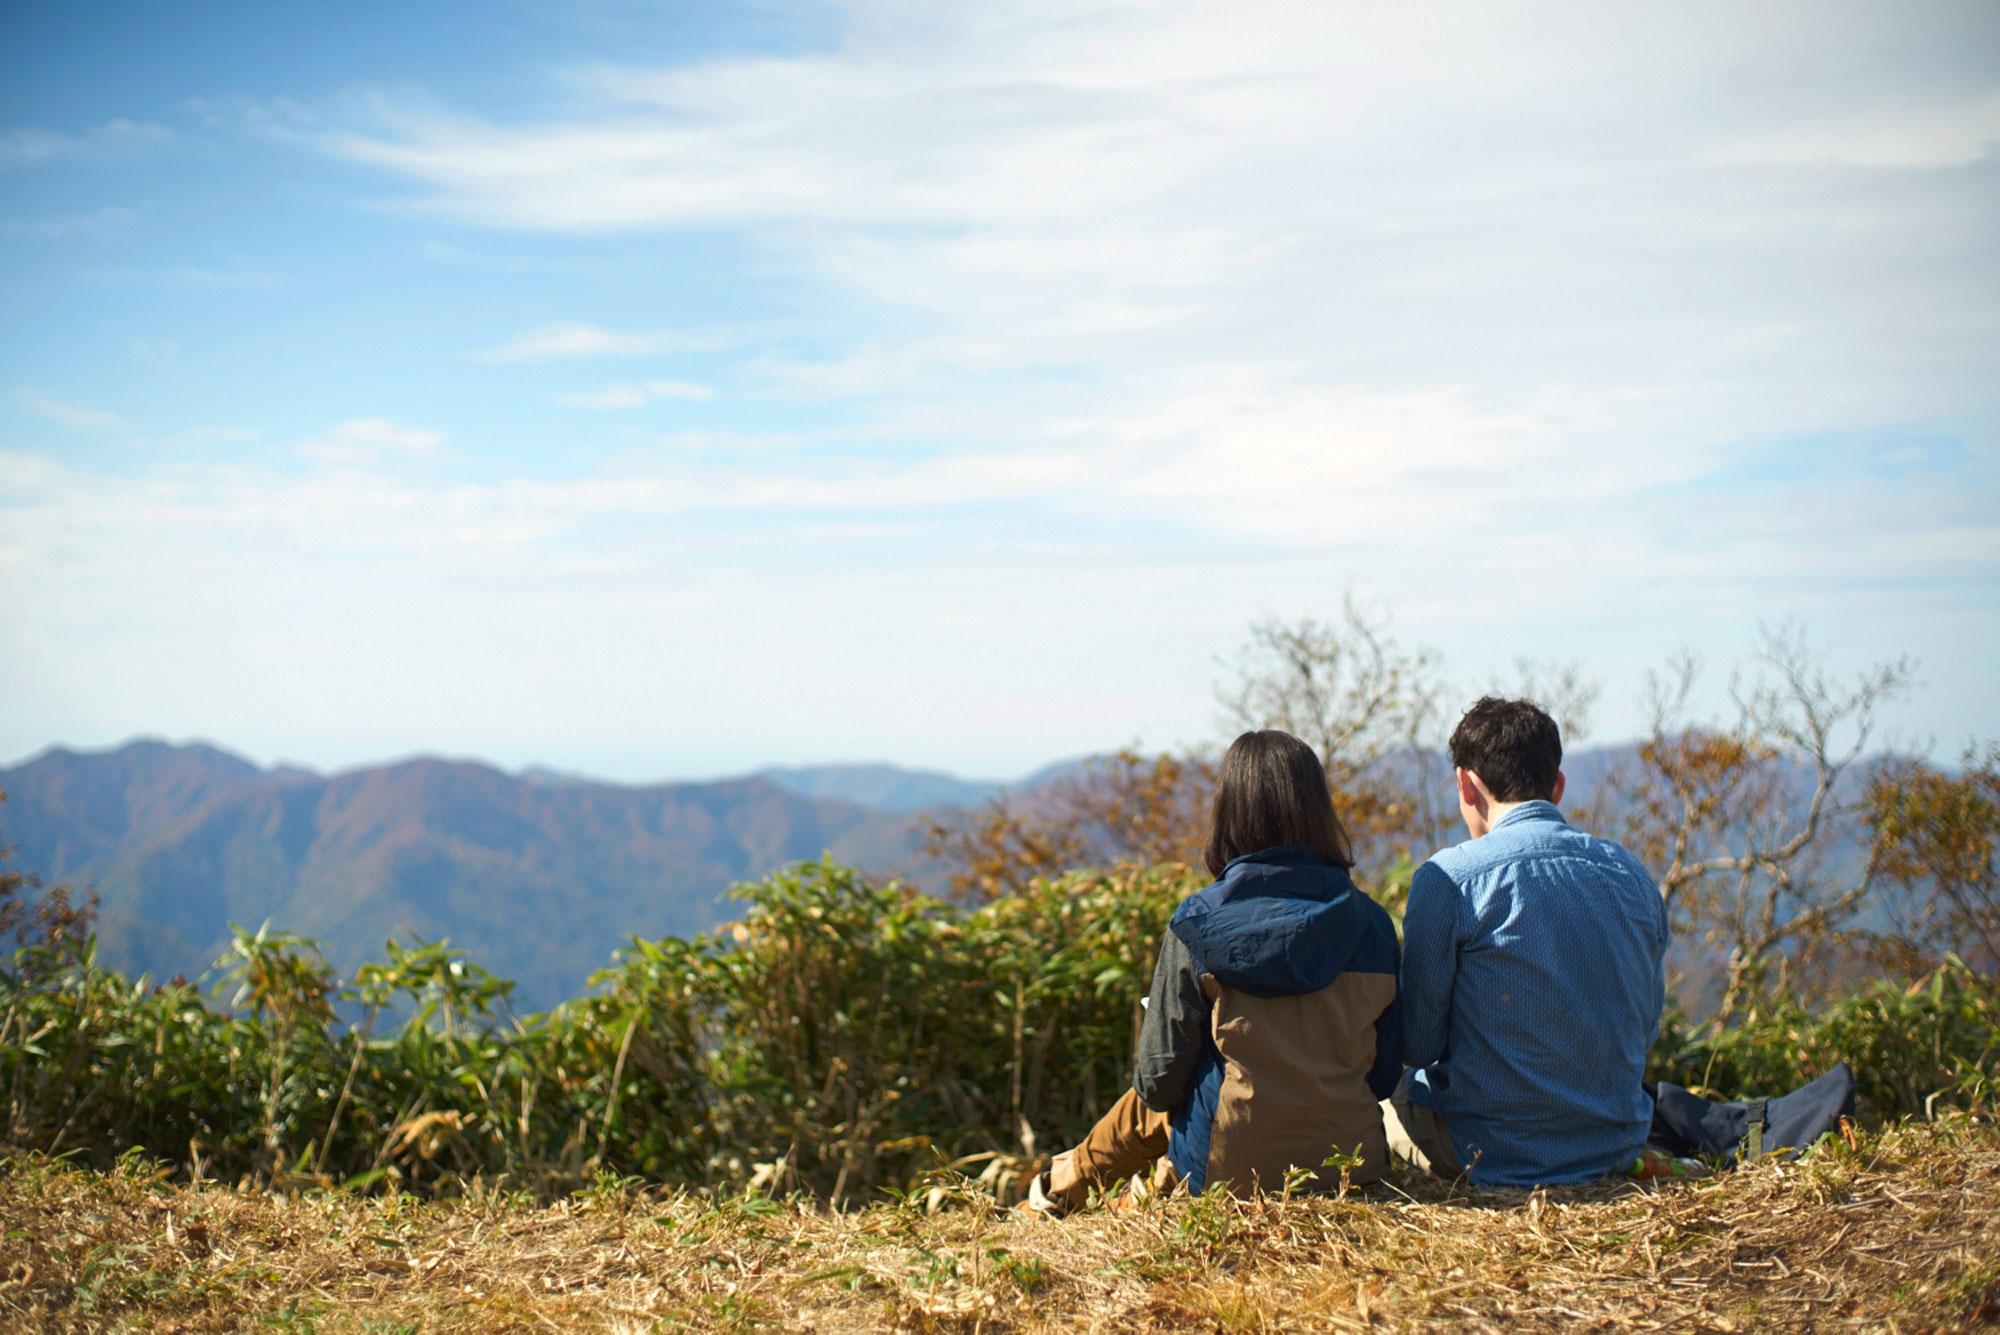 【1泊2日キャンプ】白神の名峰二座をキャンプではしご登山しちゃいます。